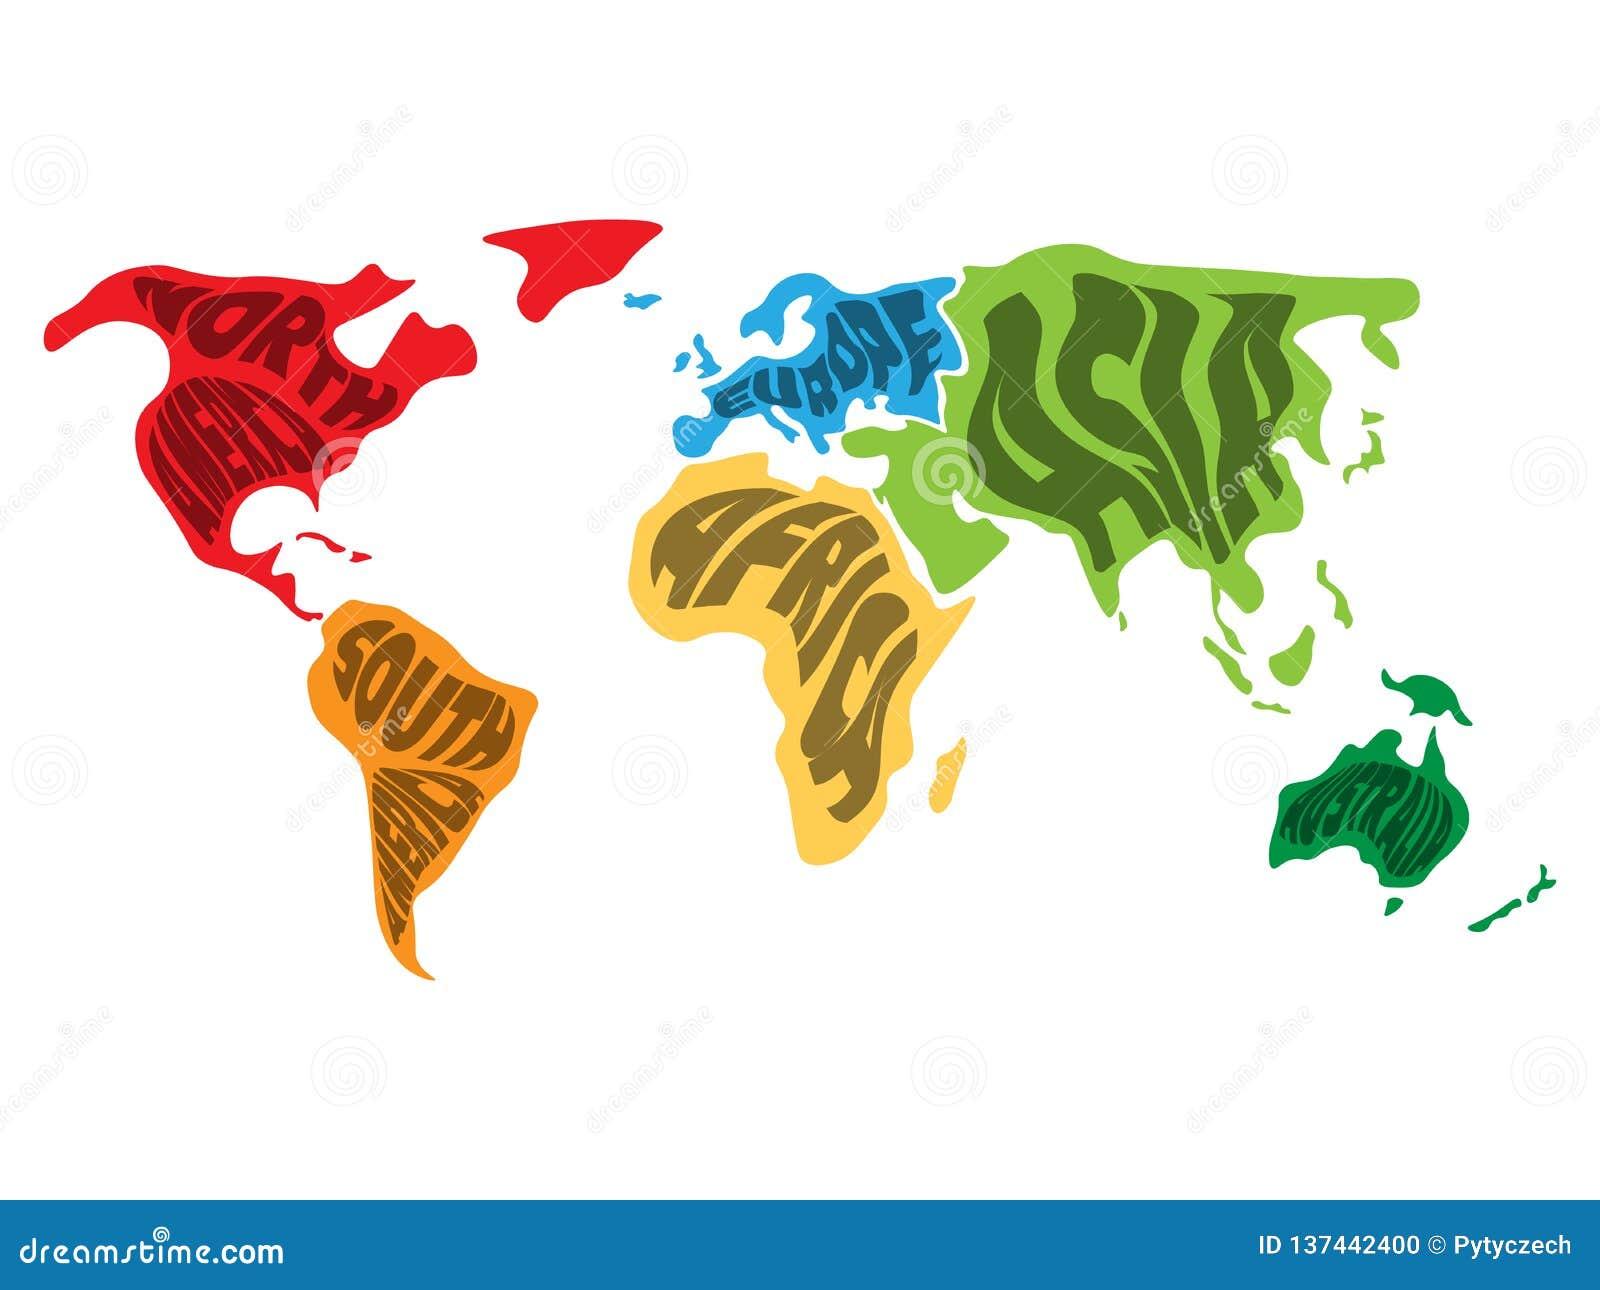 Världskartan delade in i sex kontinenter Namnet av varje kontinent slogg in in Förenklad vektorillustration